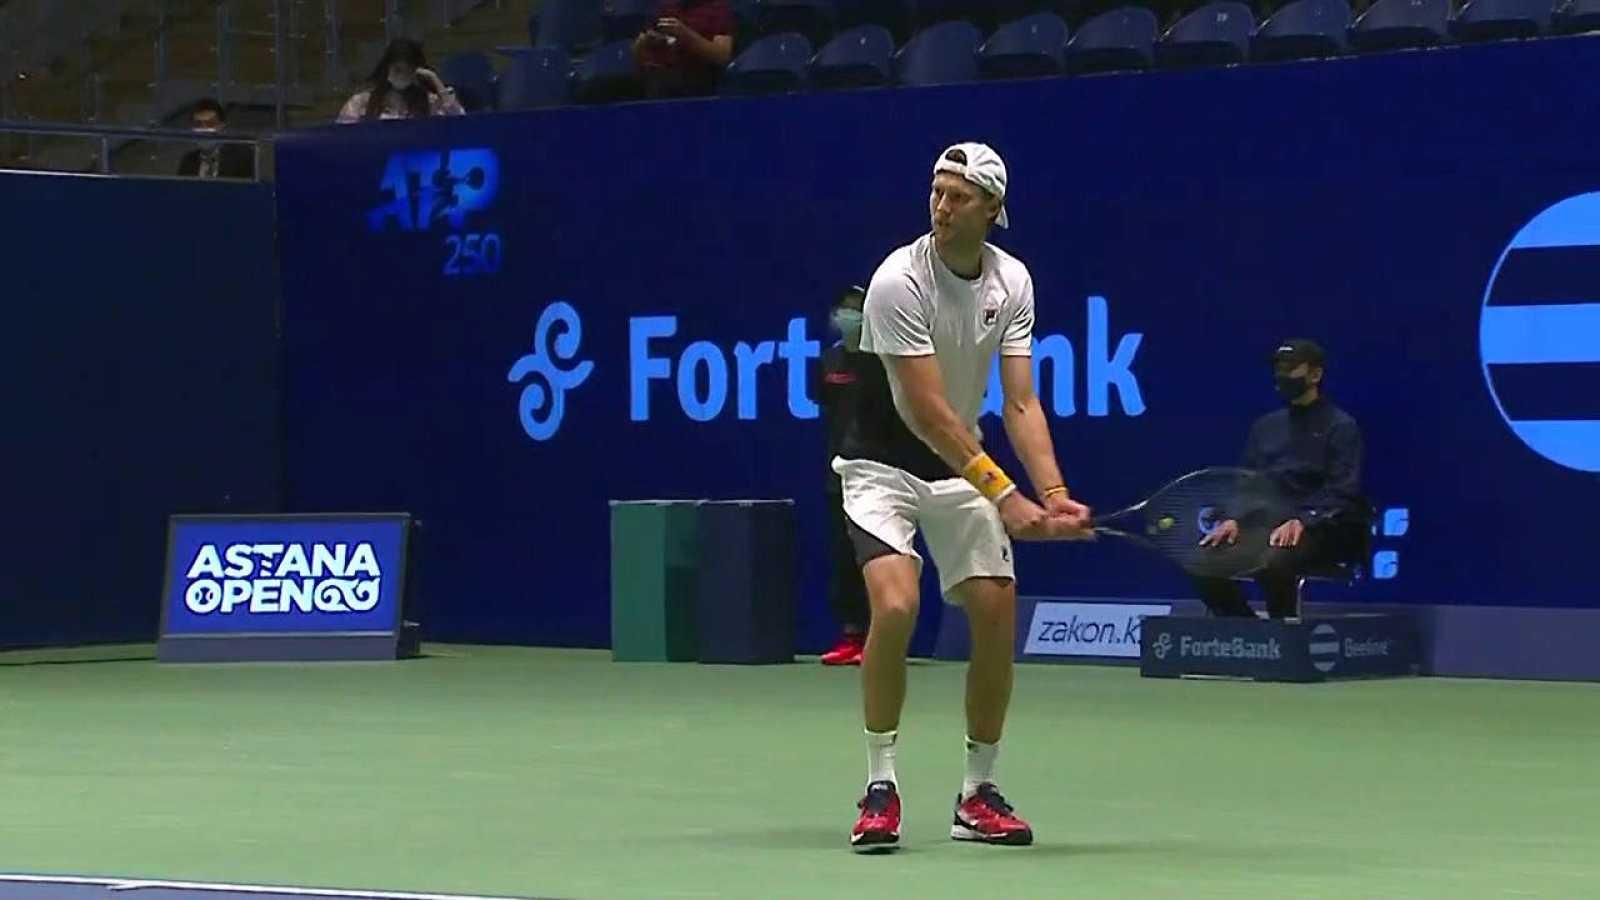 Tenis - ATP 250 Torneo Astaná: Andreas Seppi - Mackenzie McDonald - ver ahora